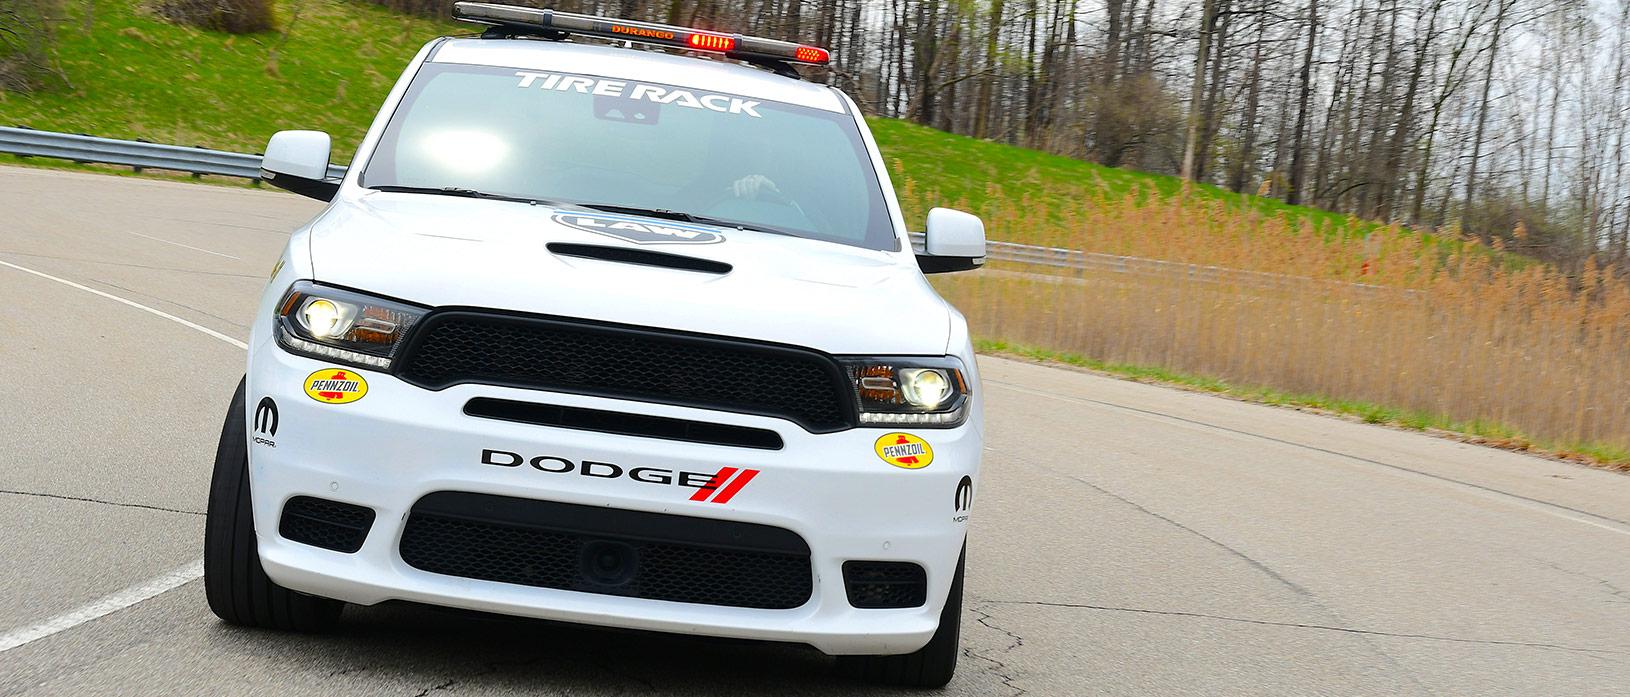 Front view of the white Durango SRT Pursuit